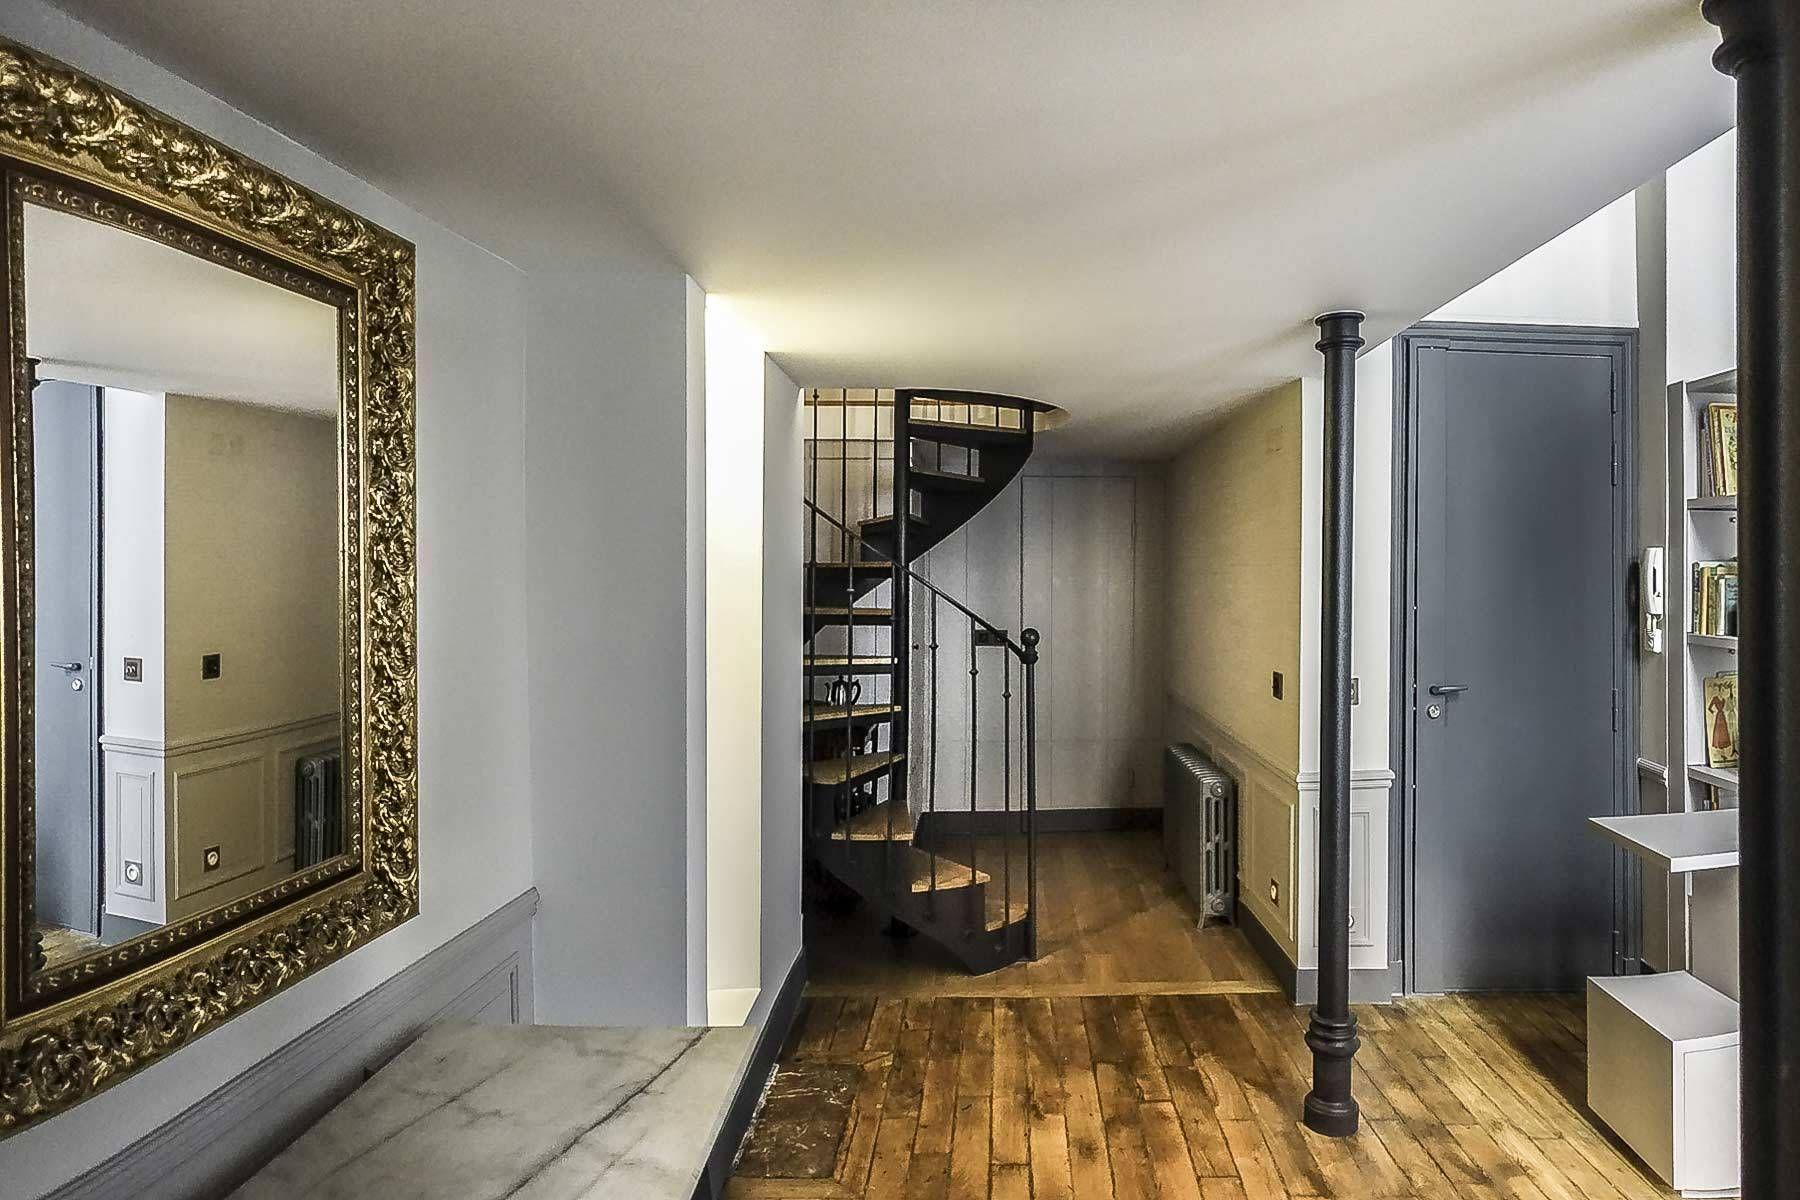 Escalier h lico dal en acier et bois style 1900 spir for Appartement deco bistrot